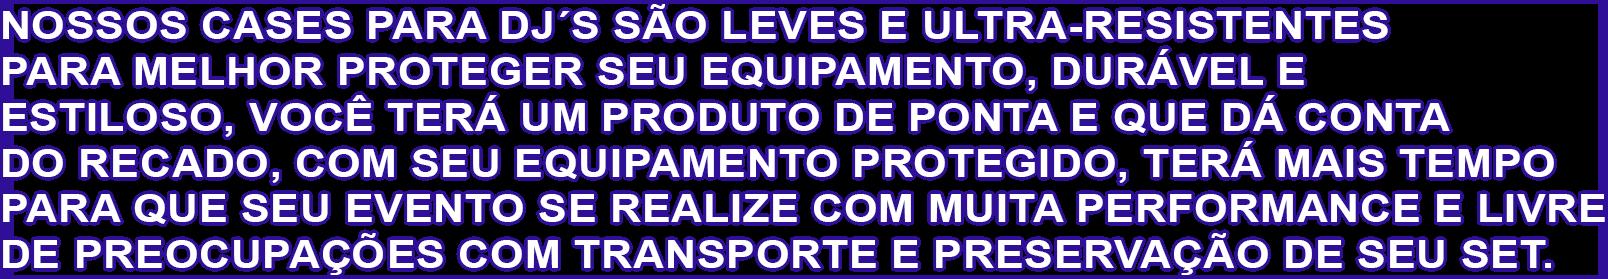 NOSSOS CASES PARA DJ´S SÃO LEVES E ULTRA-RESISTENTES PARA MELHO